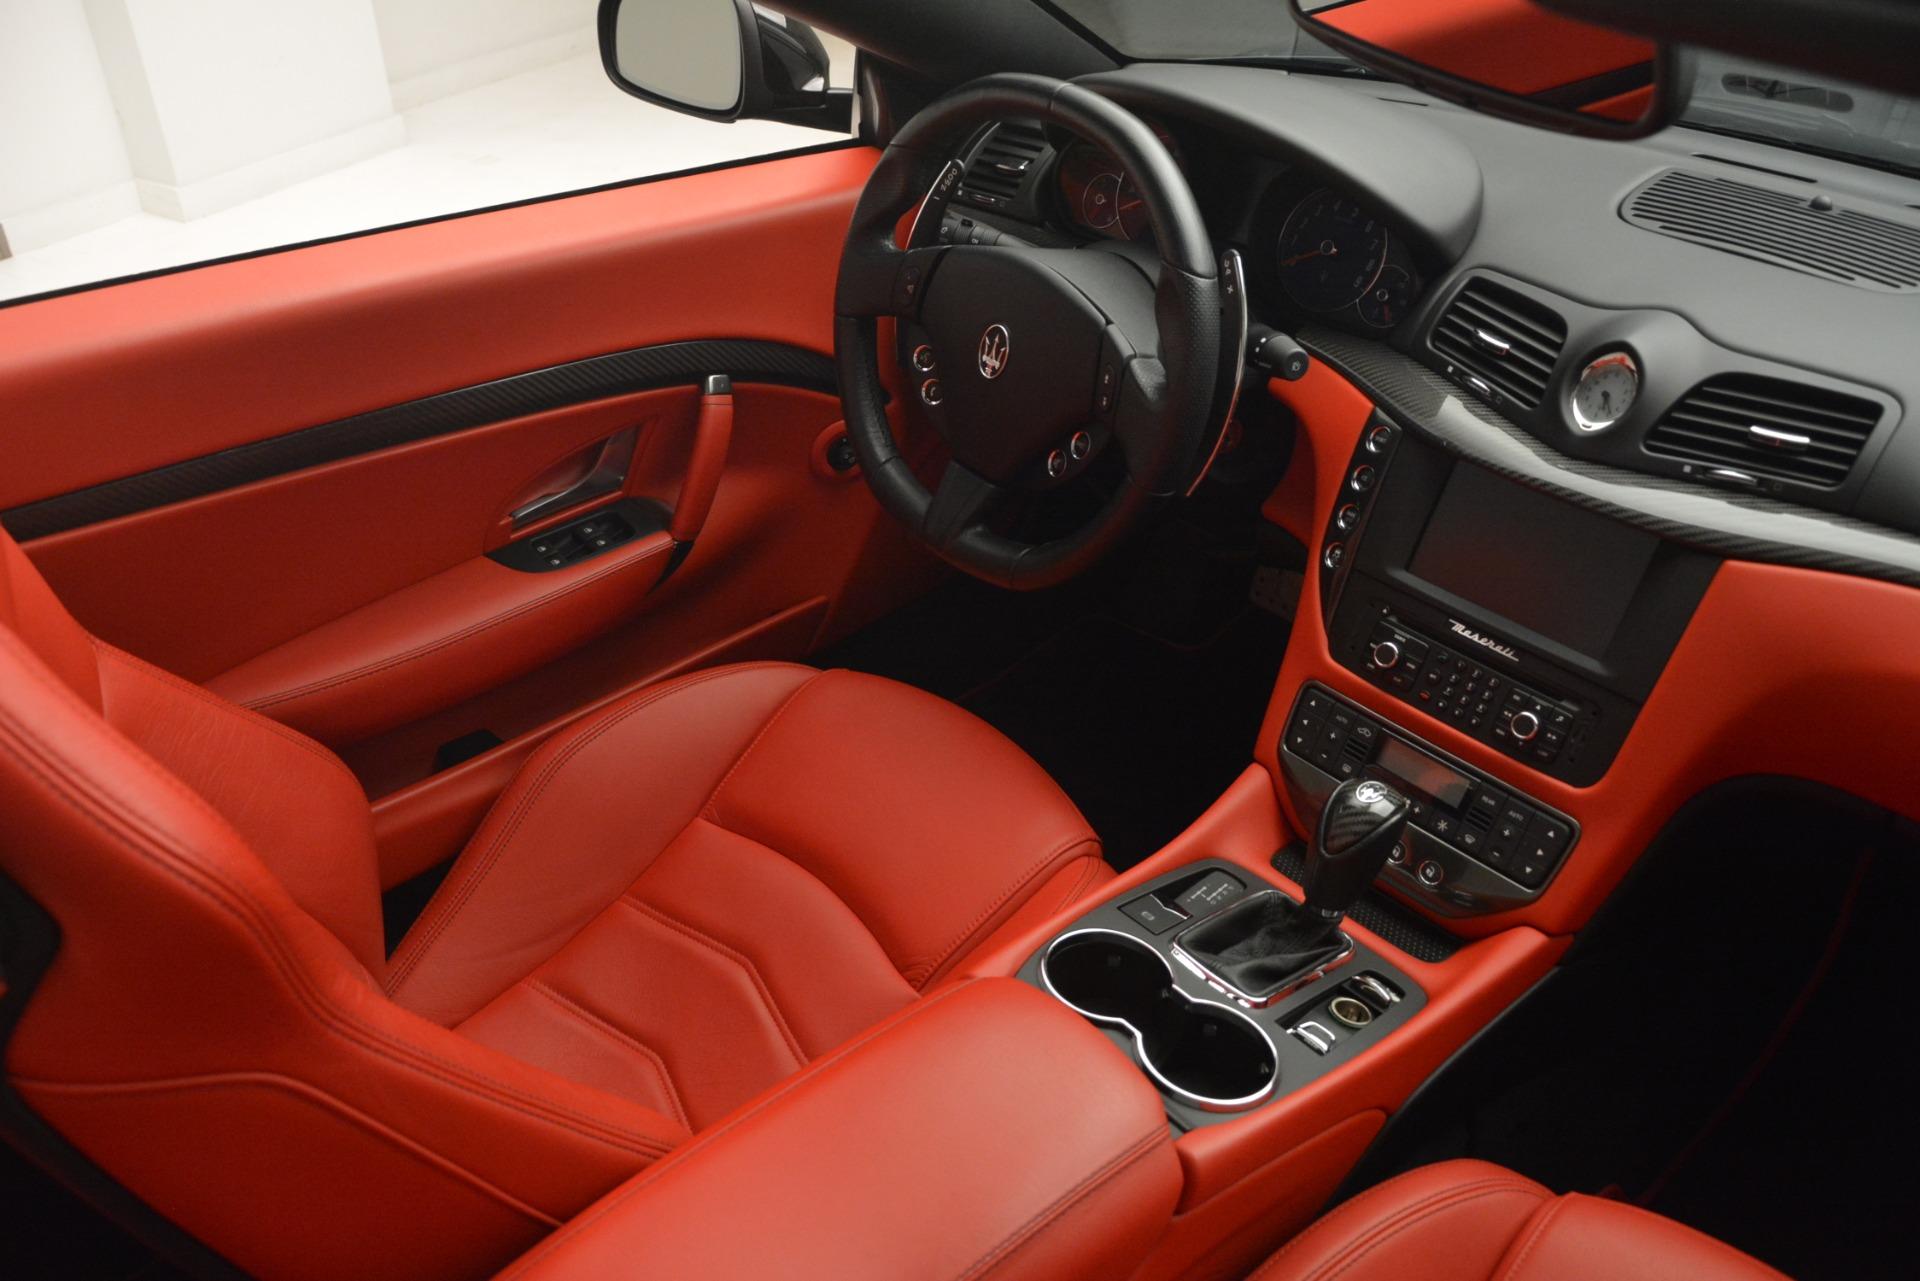 Used 2015 Maserati GranTurismo Sport For Sale In Westport, CT 2963_p27